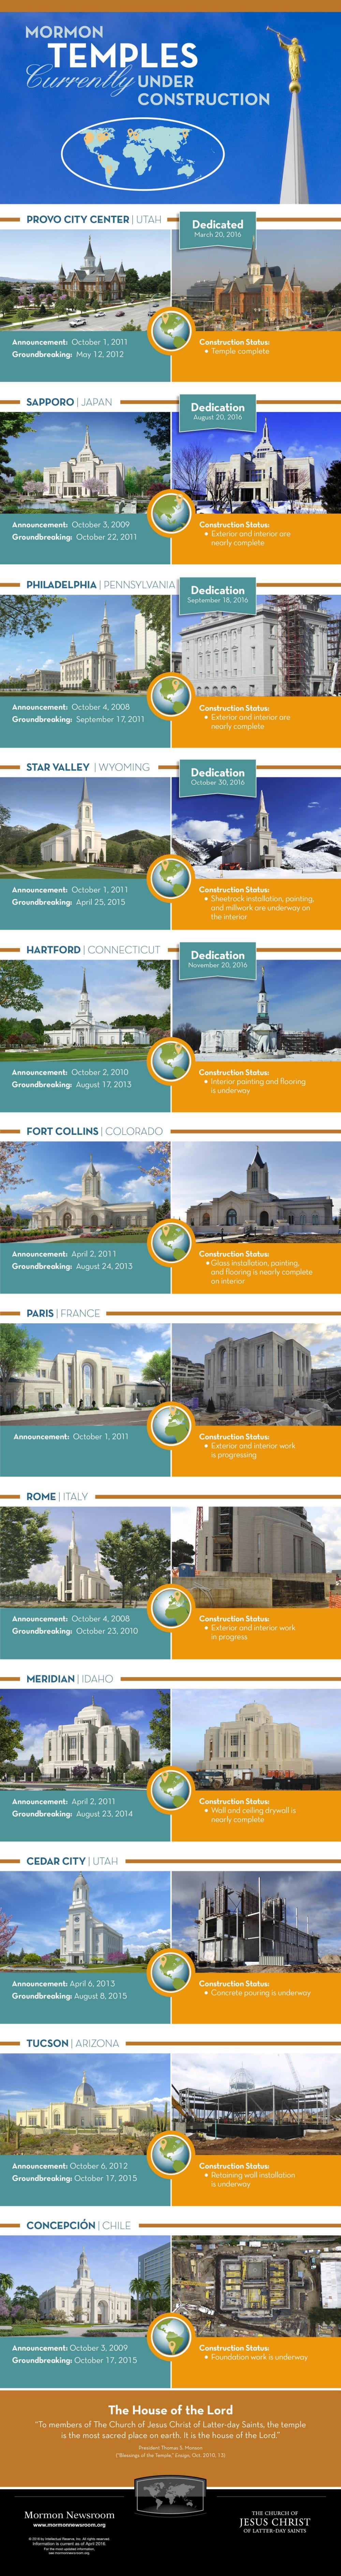 lds-temple-Construction-infographic-e